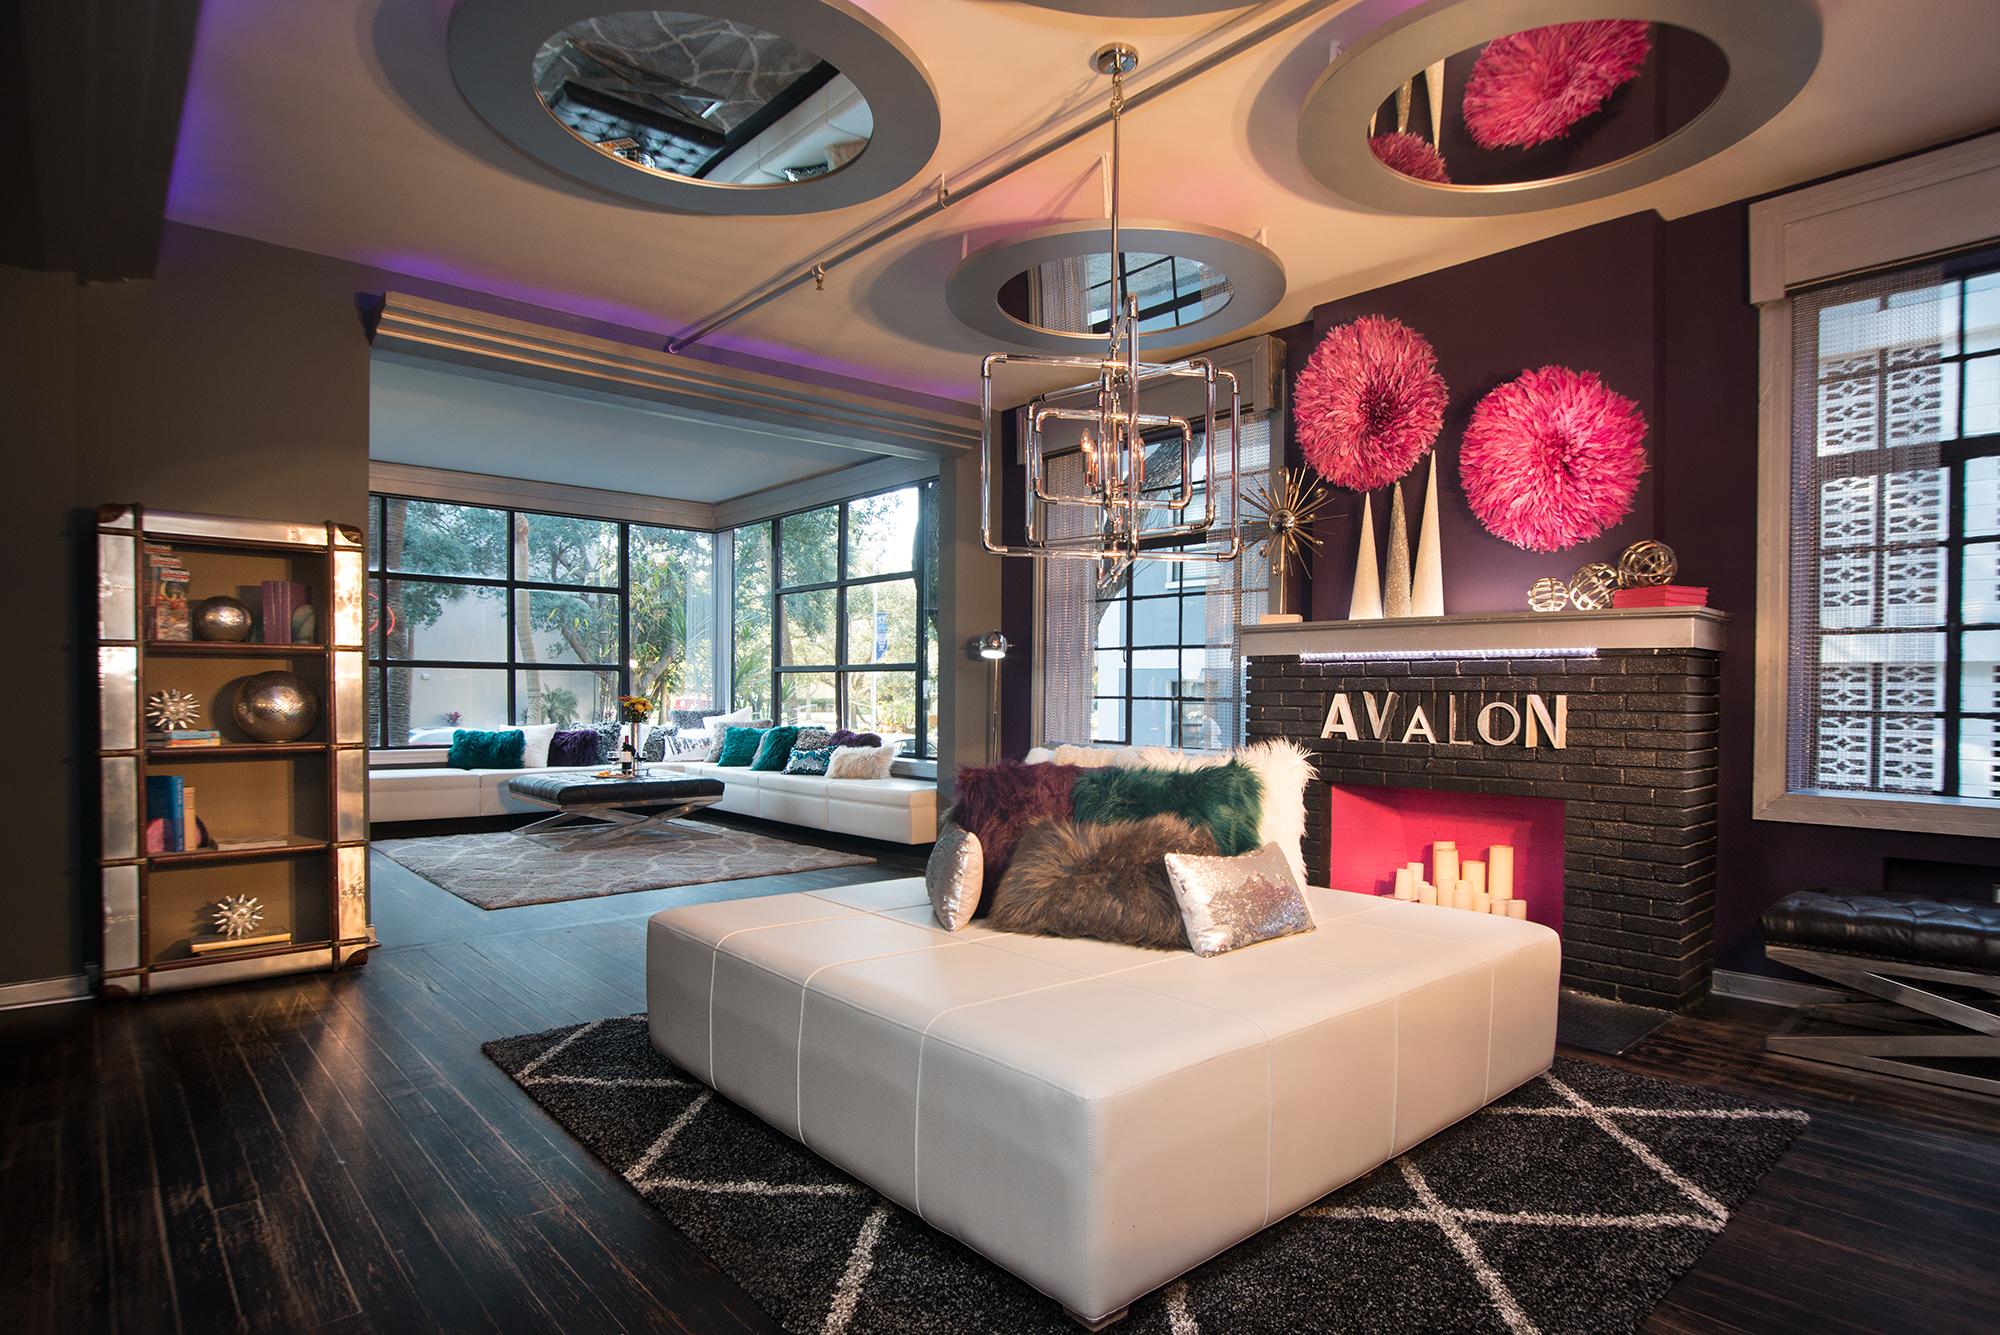 Lobby of Avalon Hotel